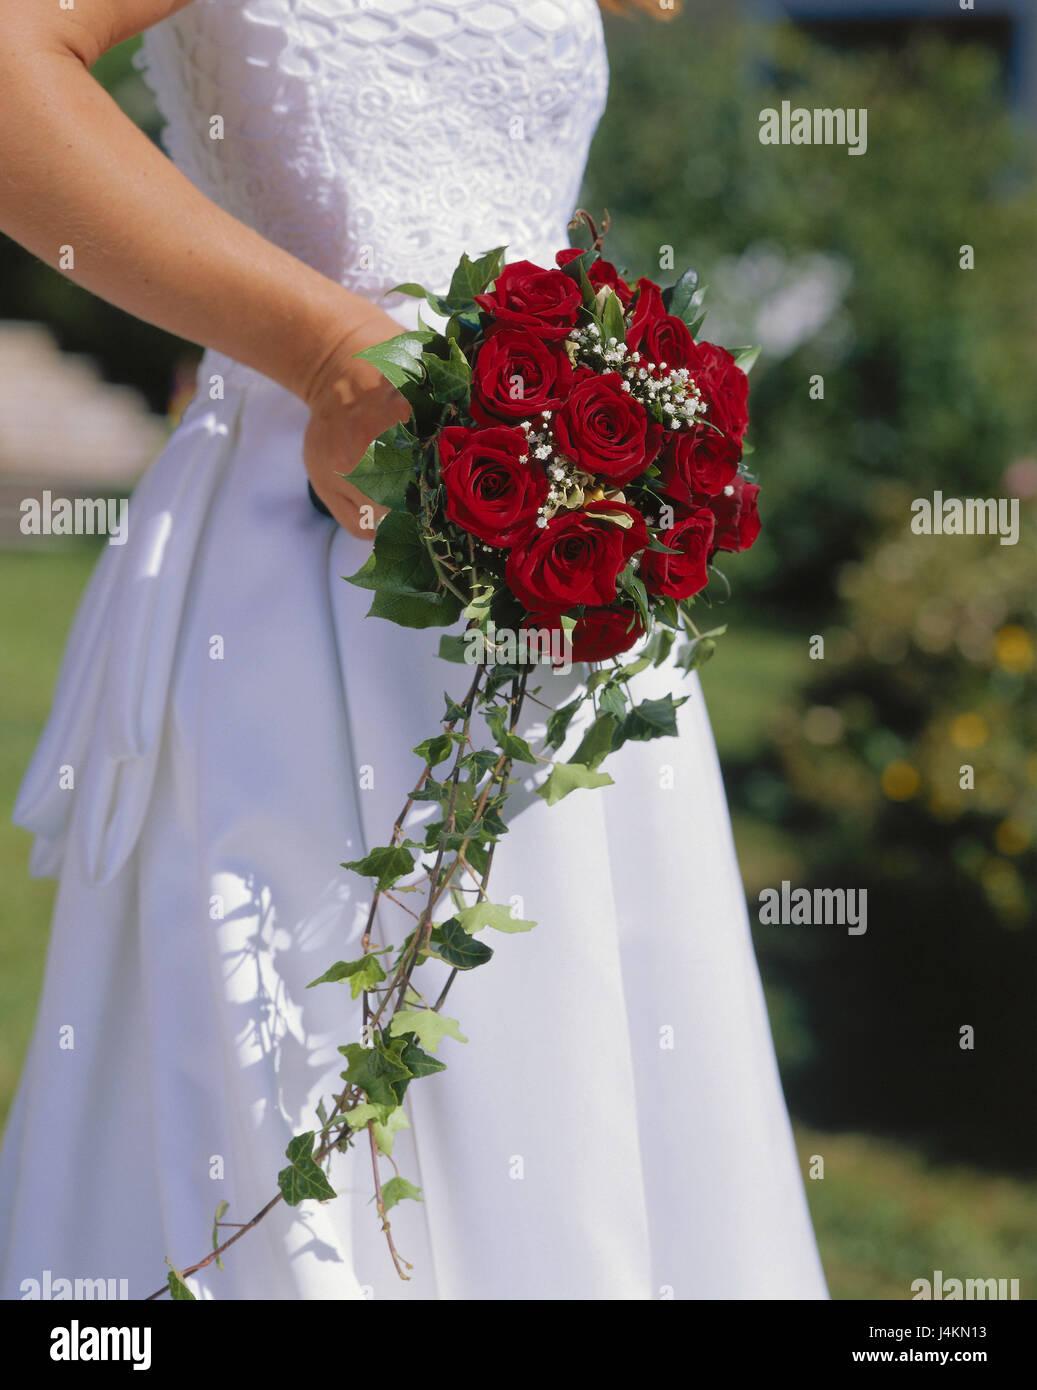 Hochzeit Braut Details Brautstrau Rosen rote Anlass